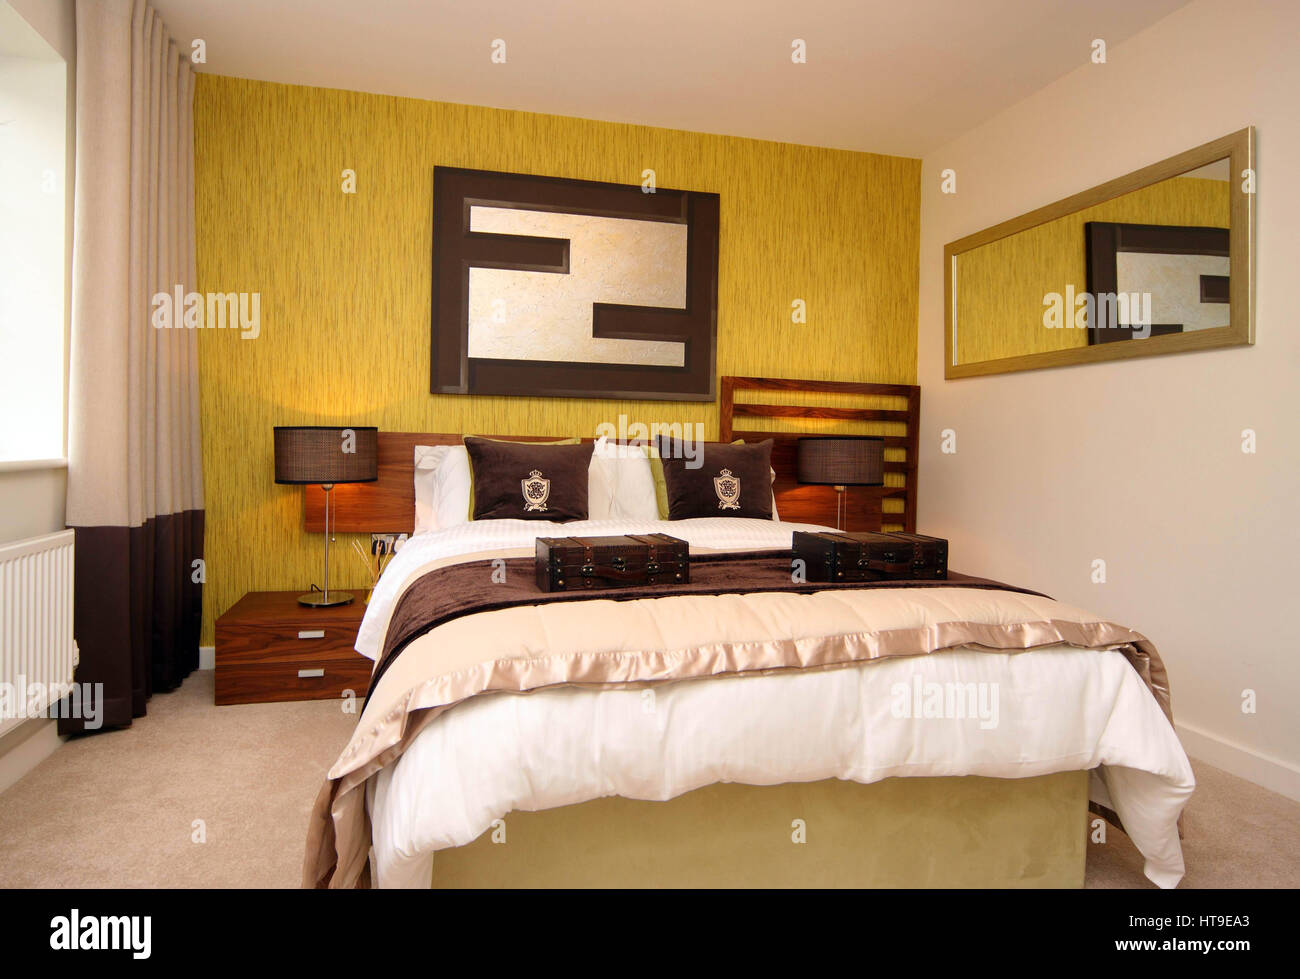 Wohngebäude, Schlafzimmer, Wand-Funktion, grün, gelb, Spiegel ...